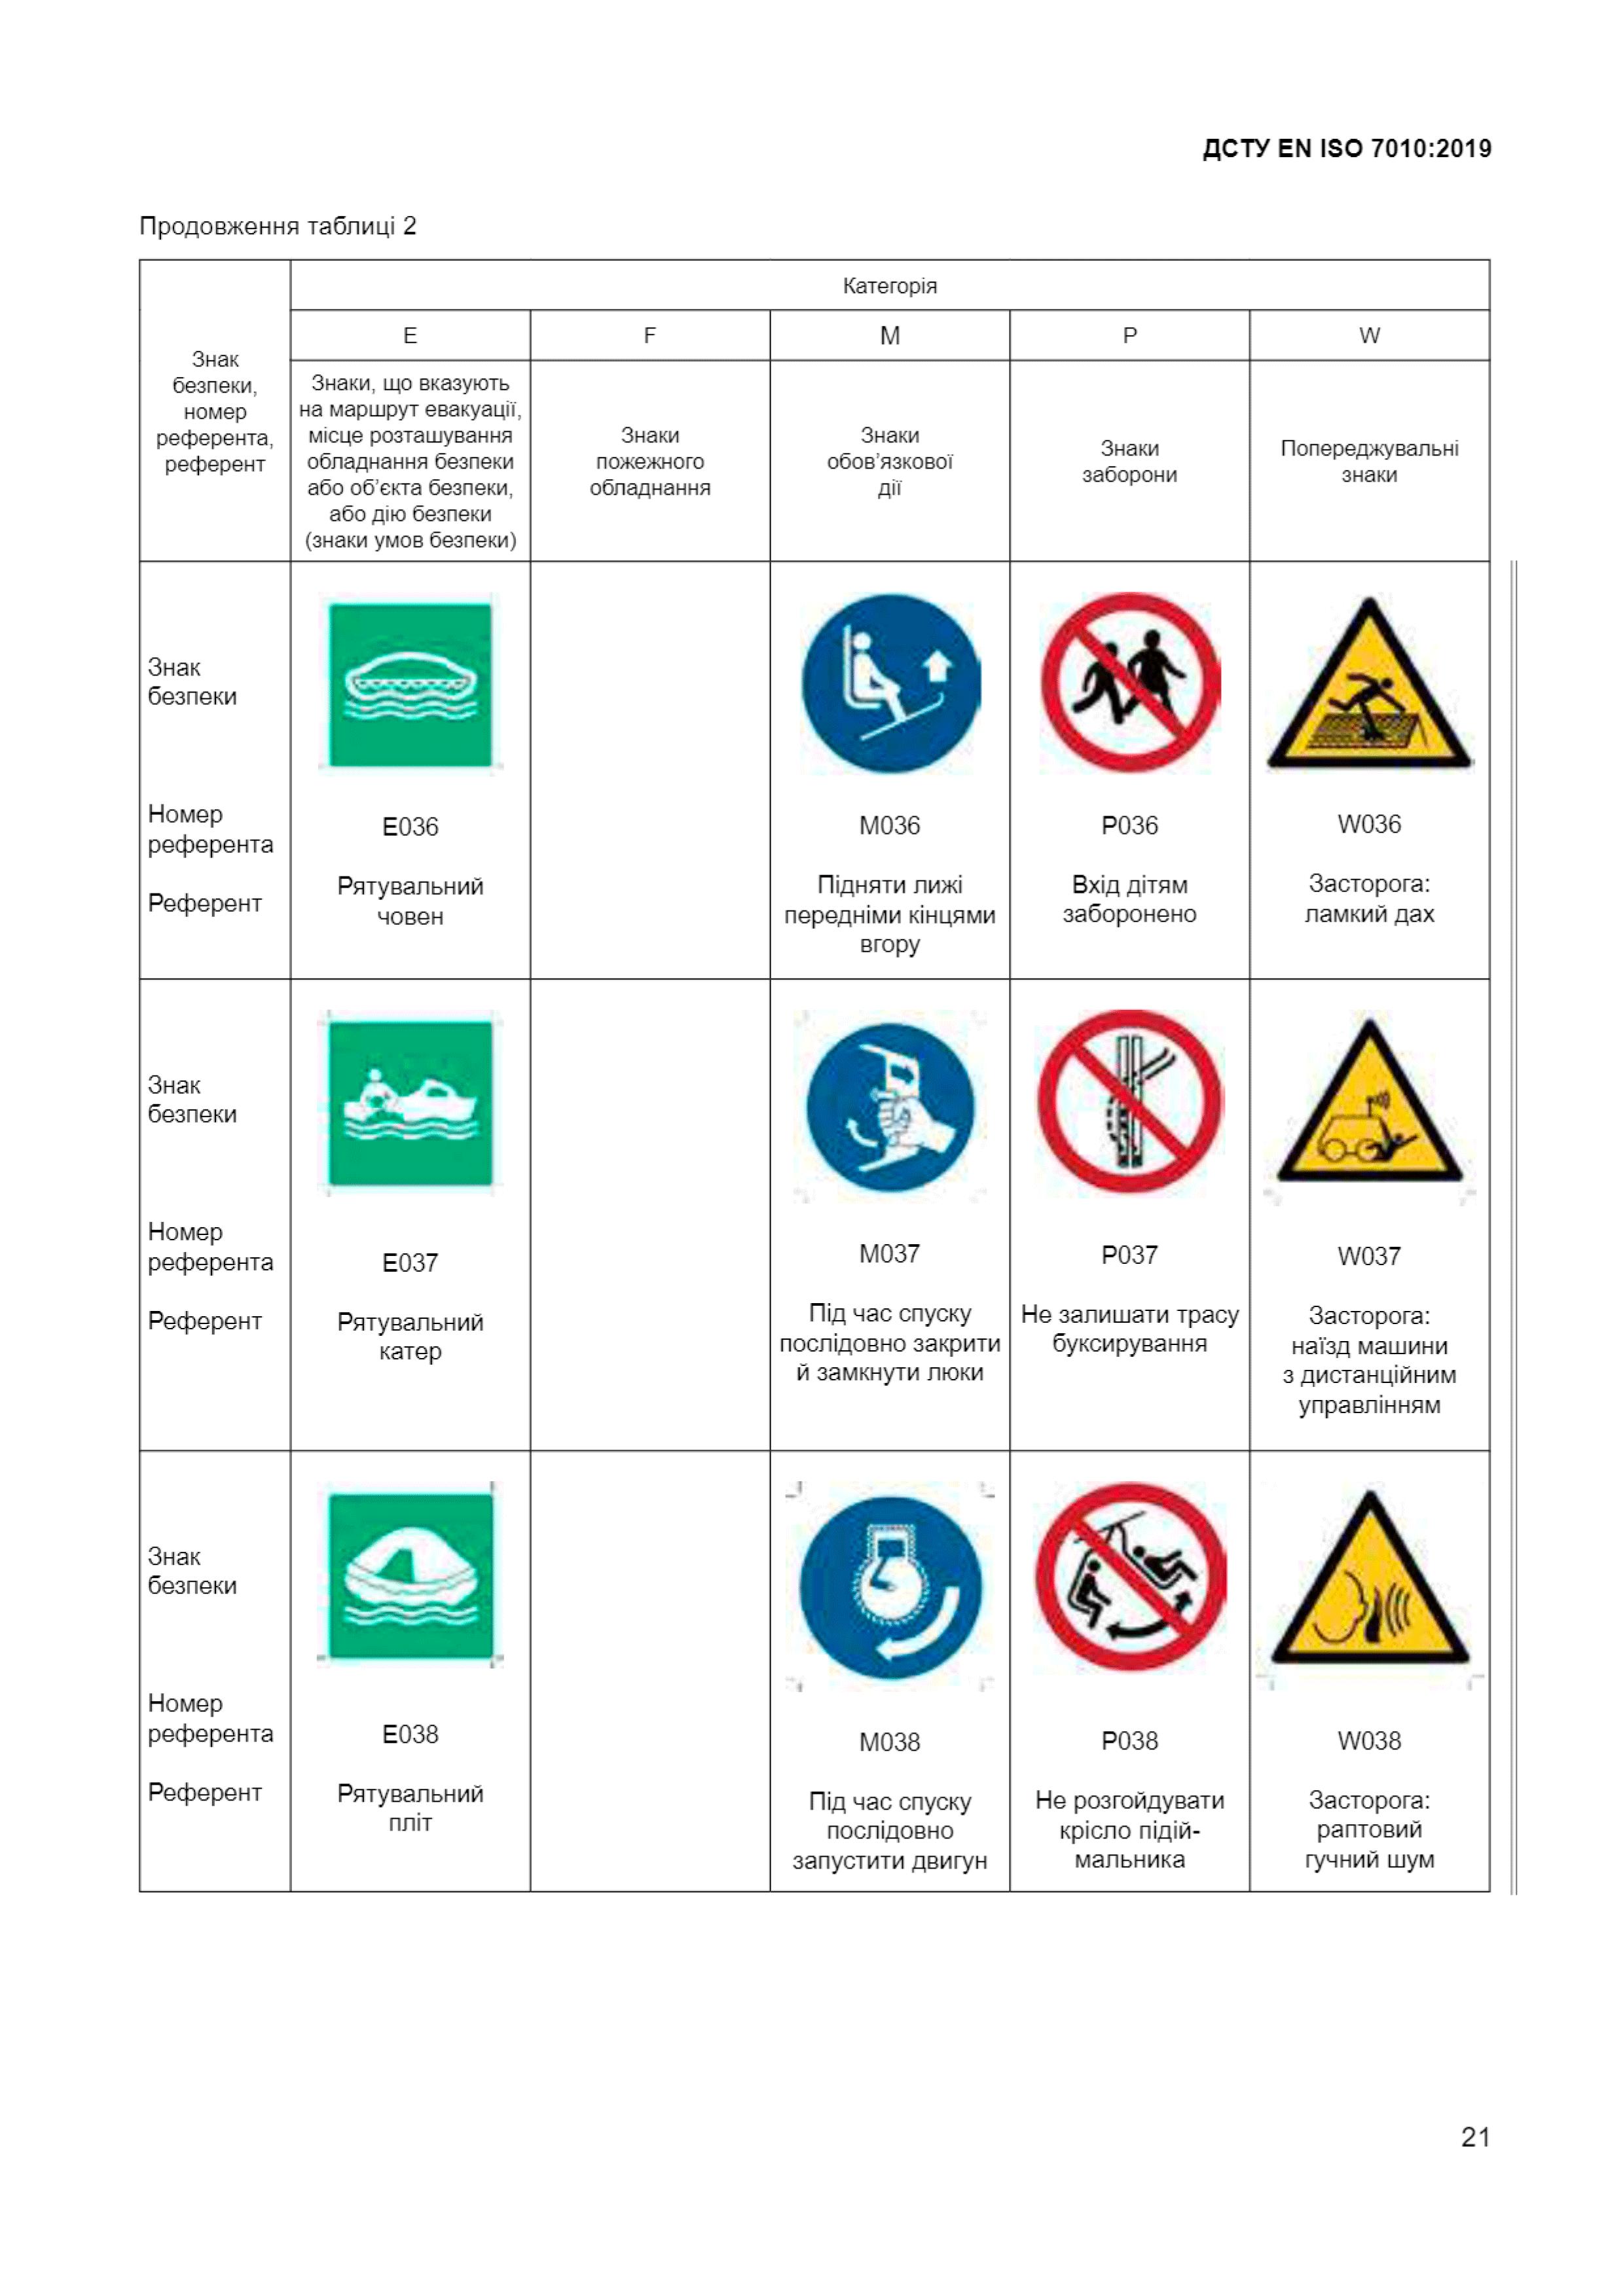 Звід-усіх-знакків-безпеки-13-ДСТУ-ЕN-ІSО-7010-2019-Техноспектр-Сервіс